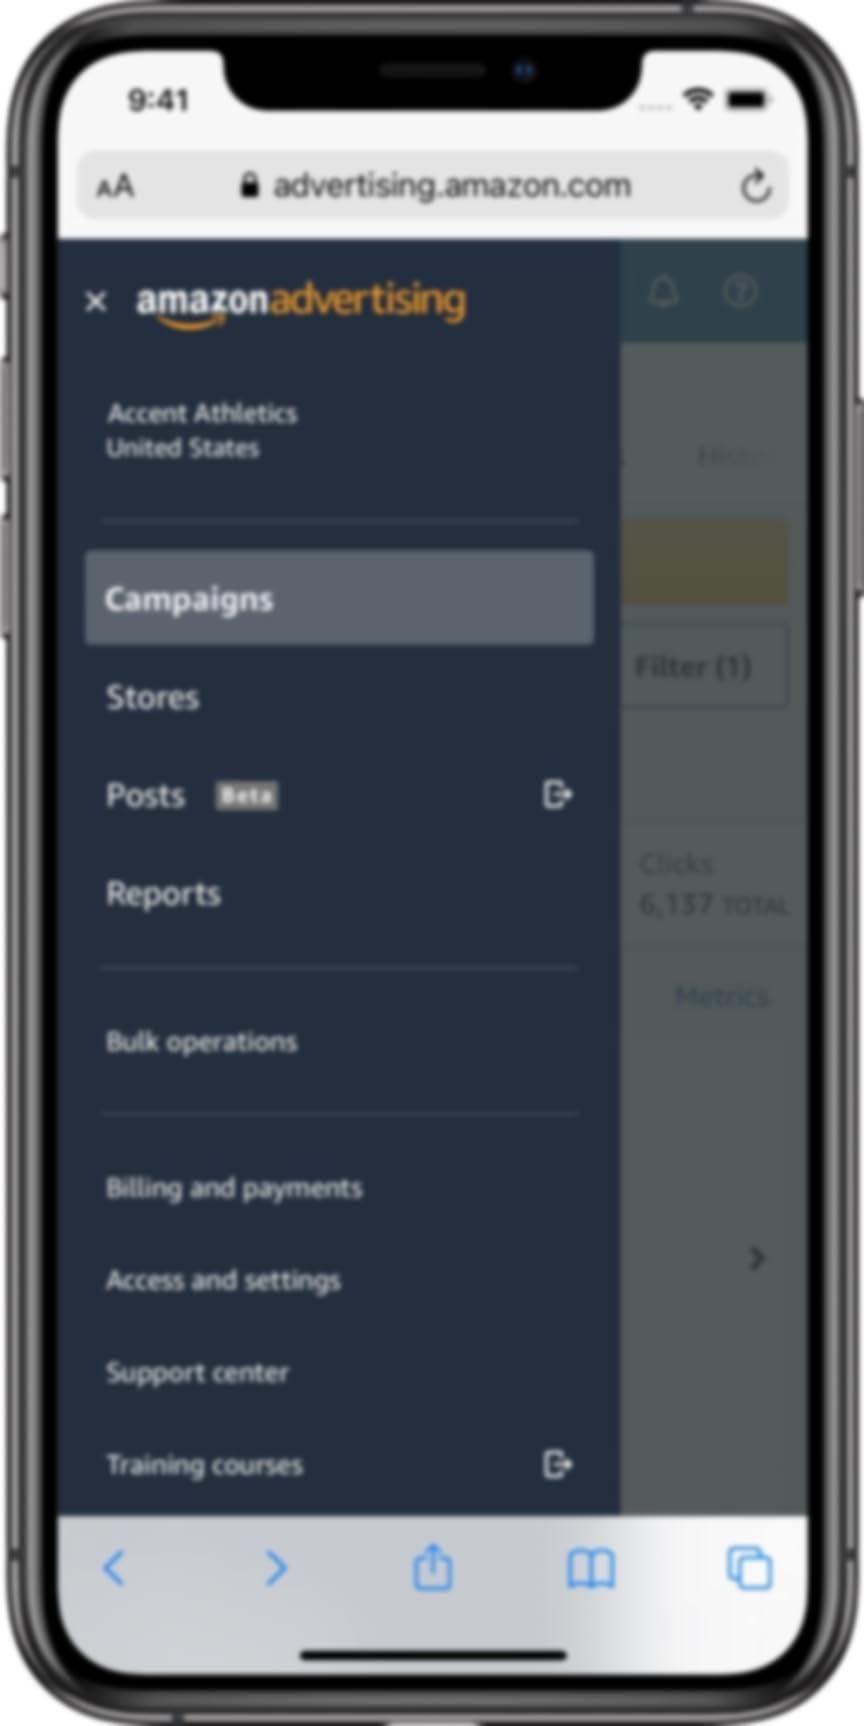 Side bar menu on mobile